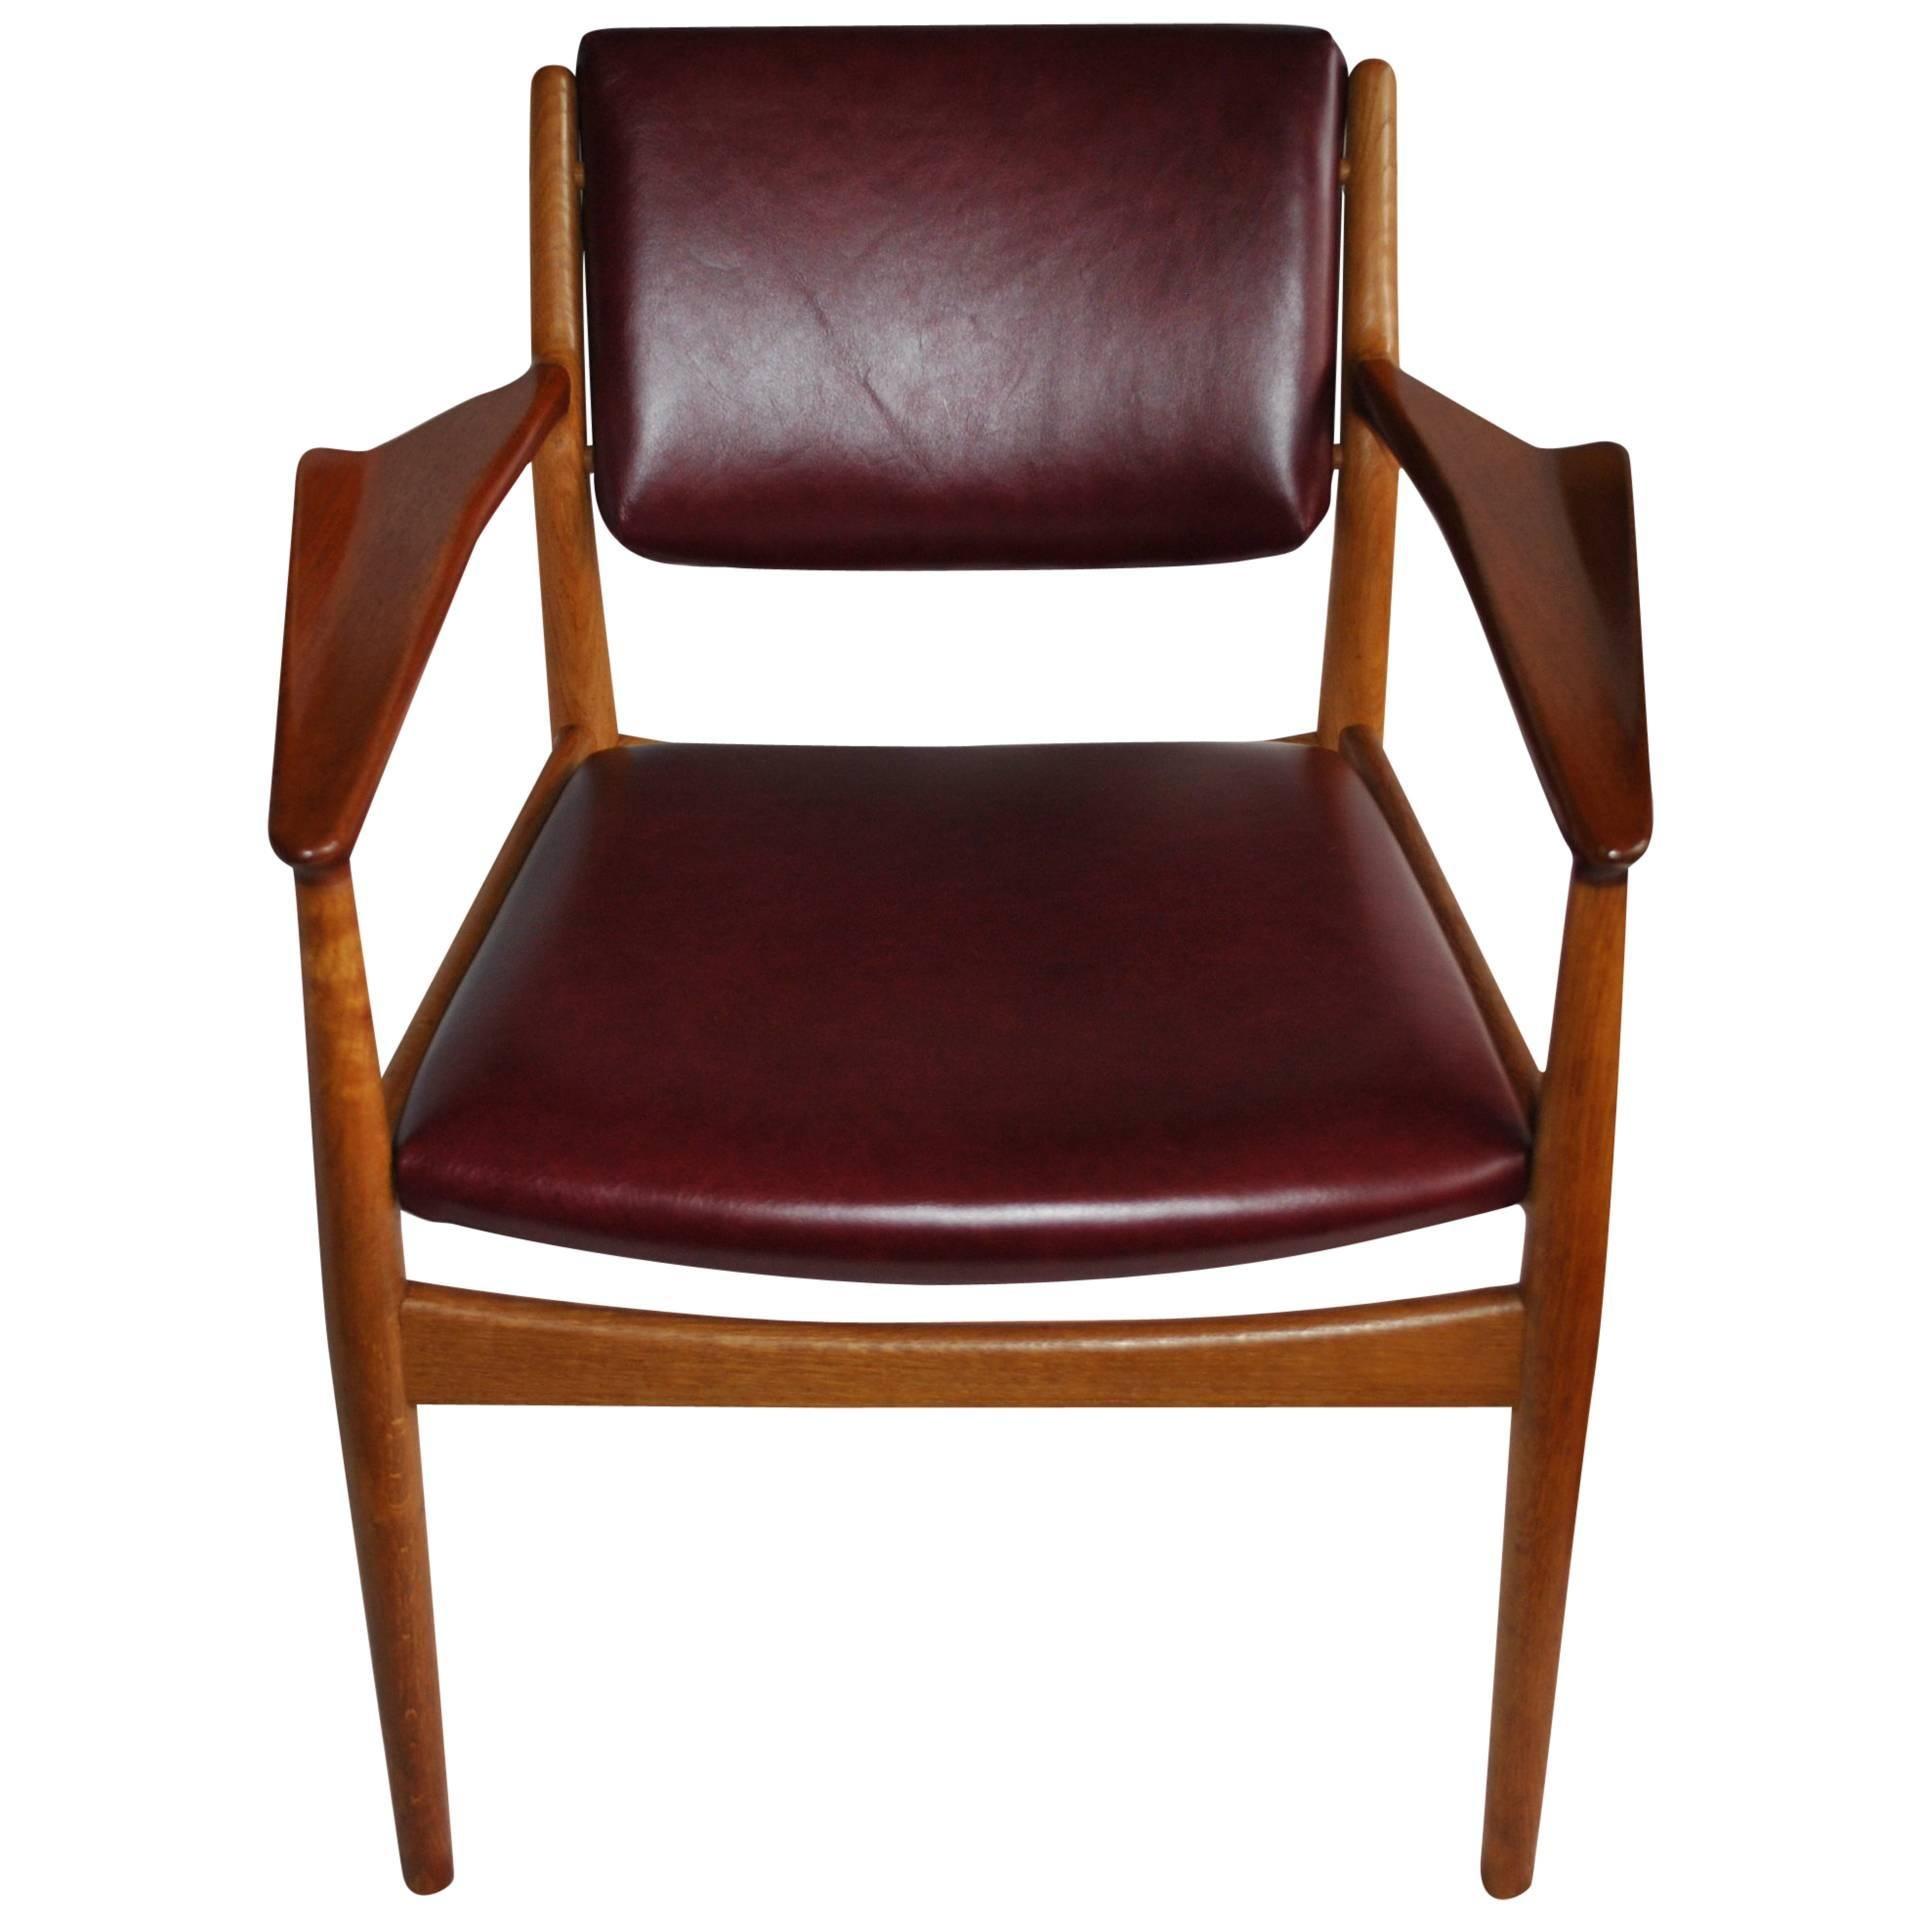 Arne Vodder Furniture Desks Credenzas  More 321 For